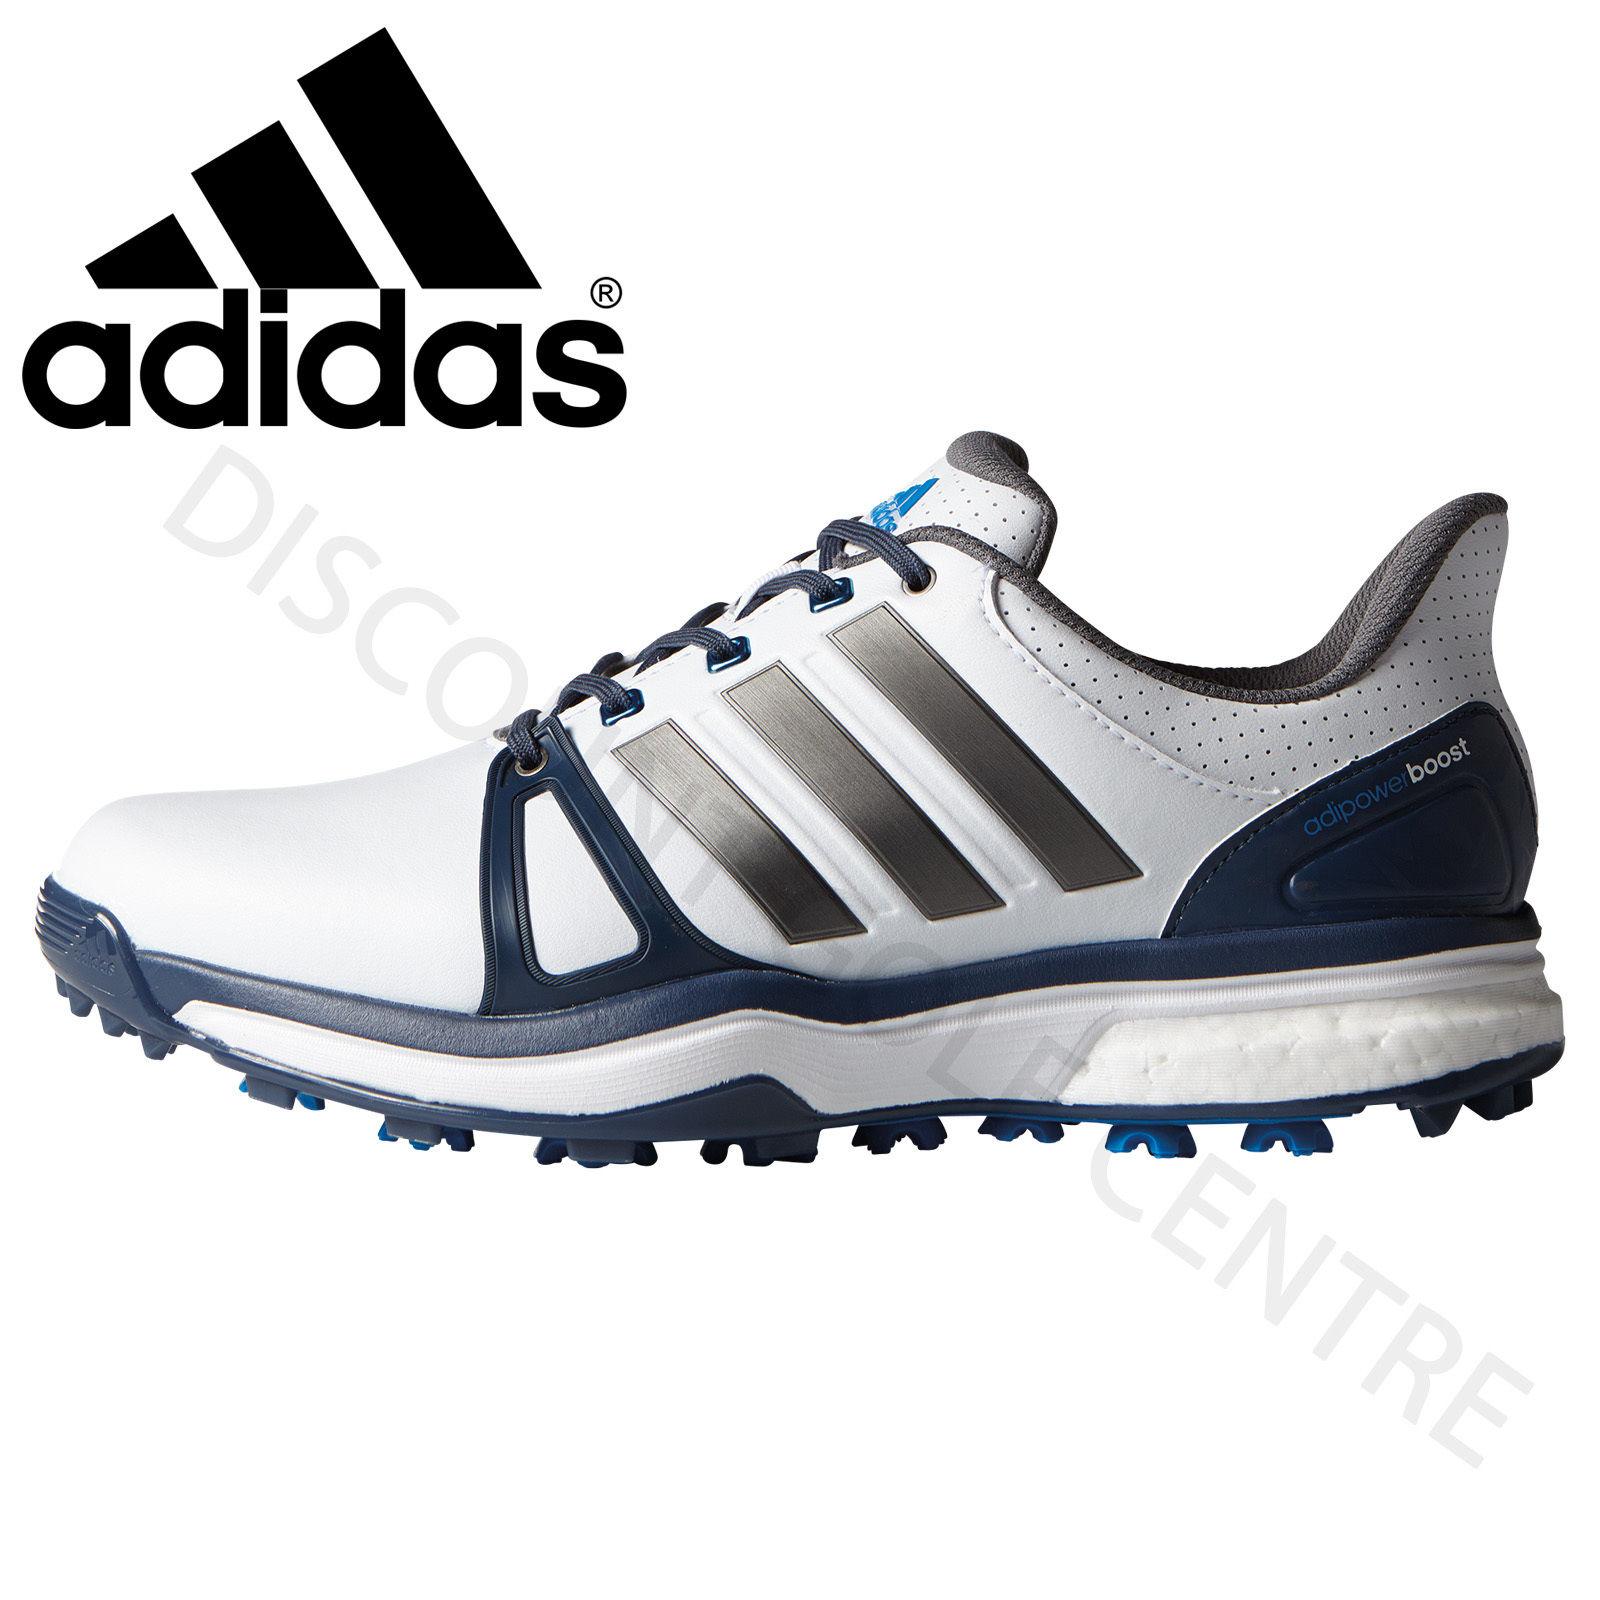 Adidas Men S Tour X Boa Golf Shoes   Wide